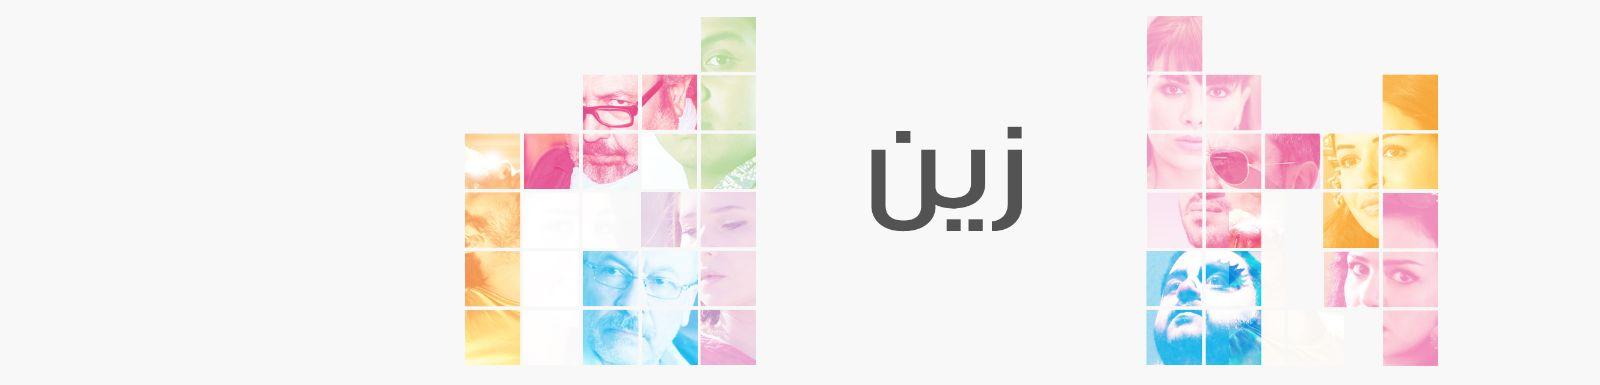 مشاهدة مسلسل زين الحلقة 6 كاملة 2014 mbc